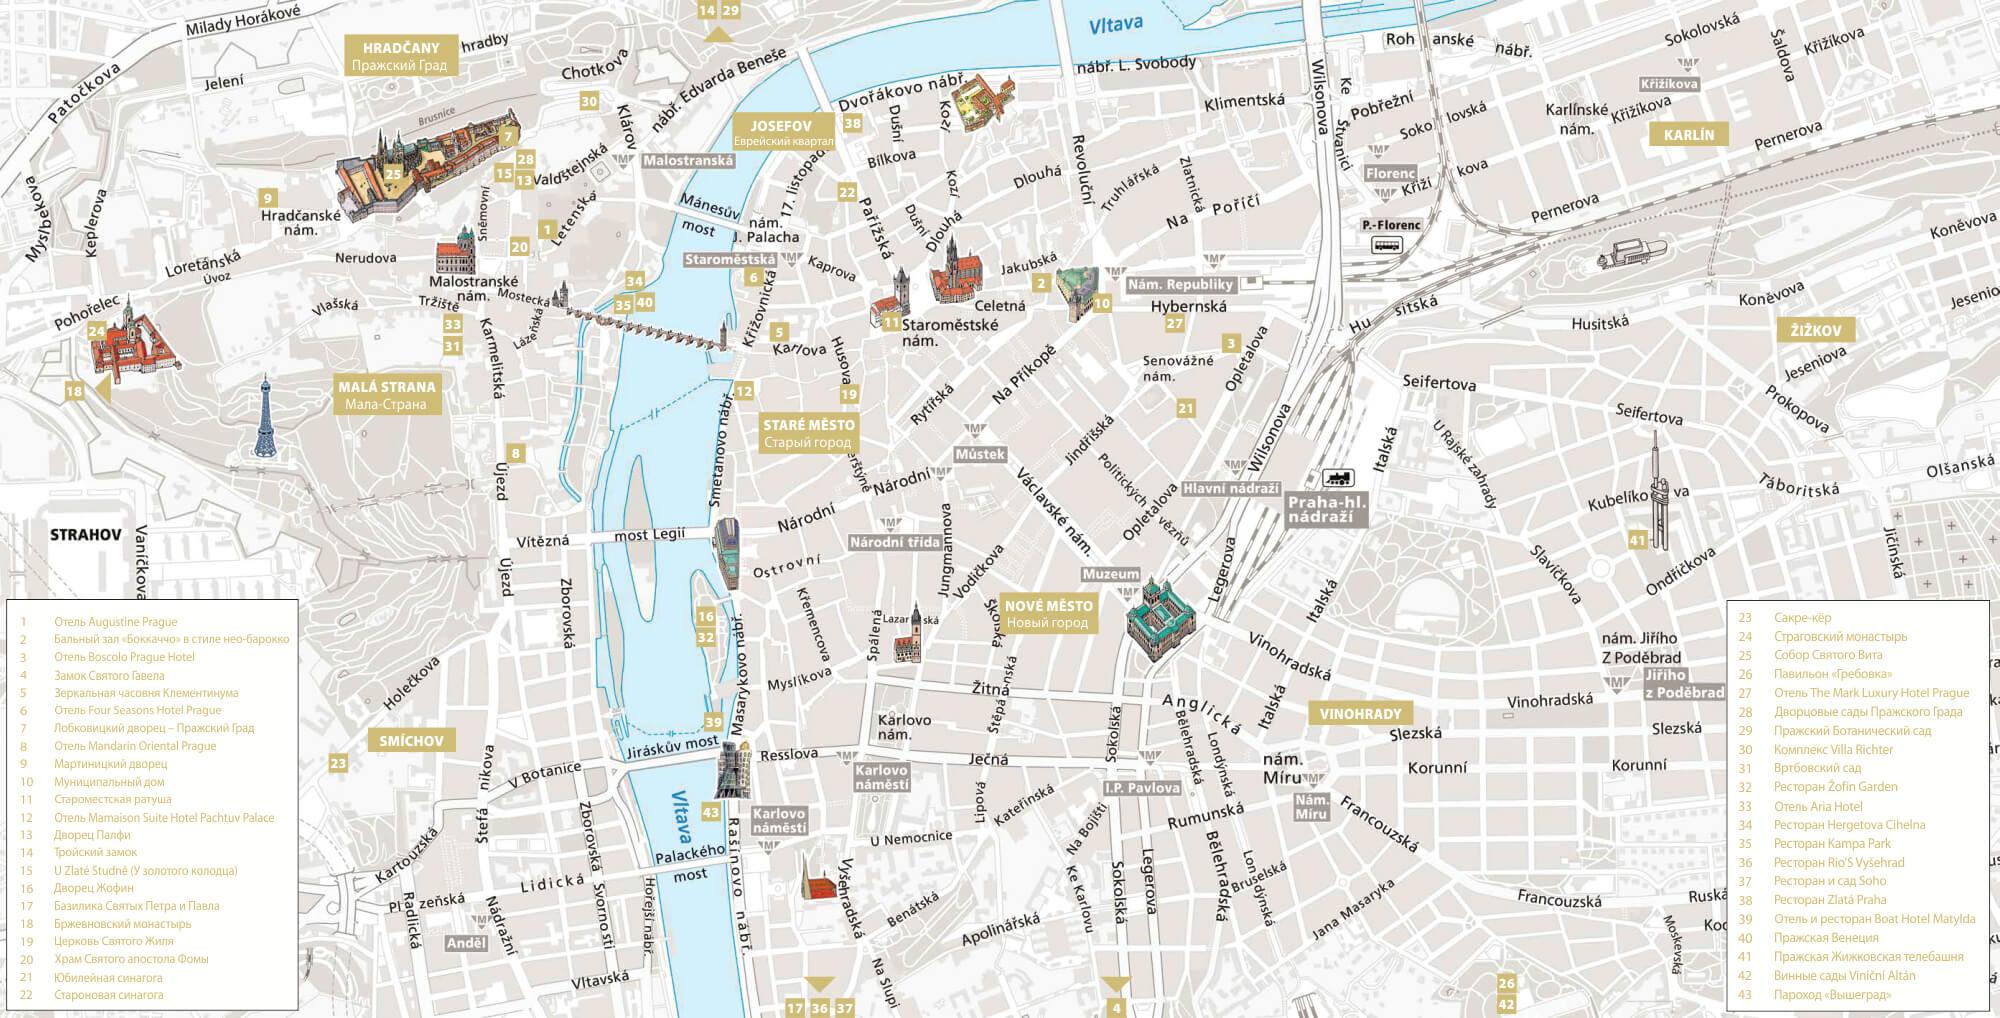 Схема Праги с самыми романтичными местами